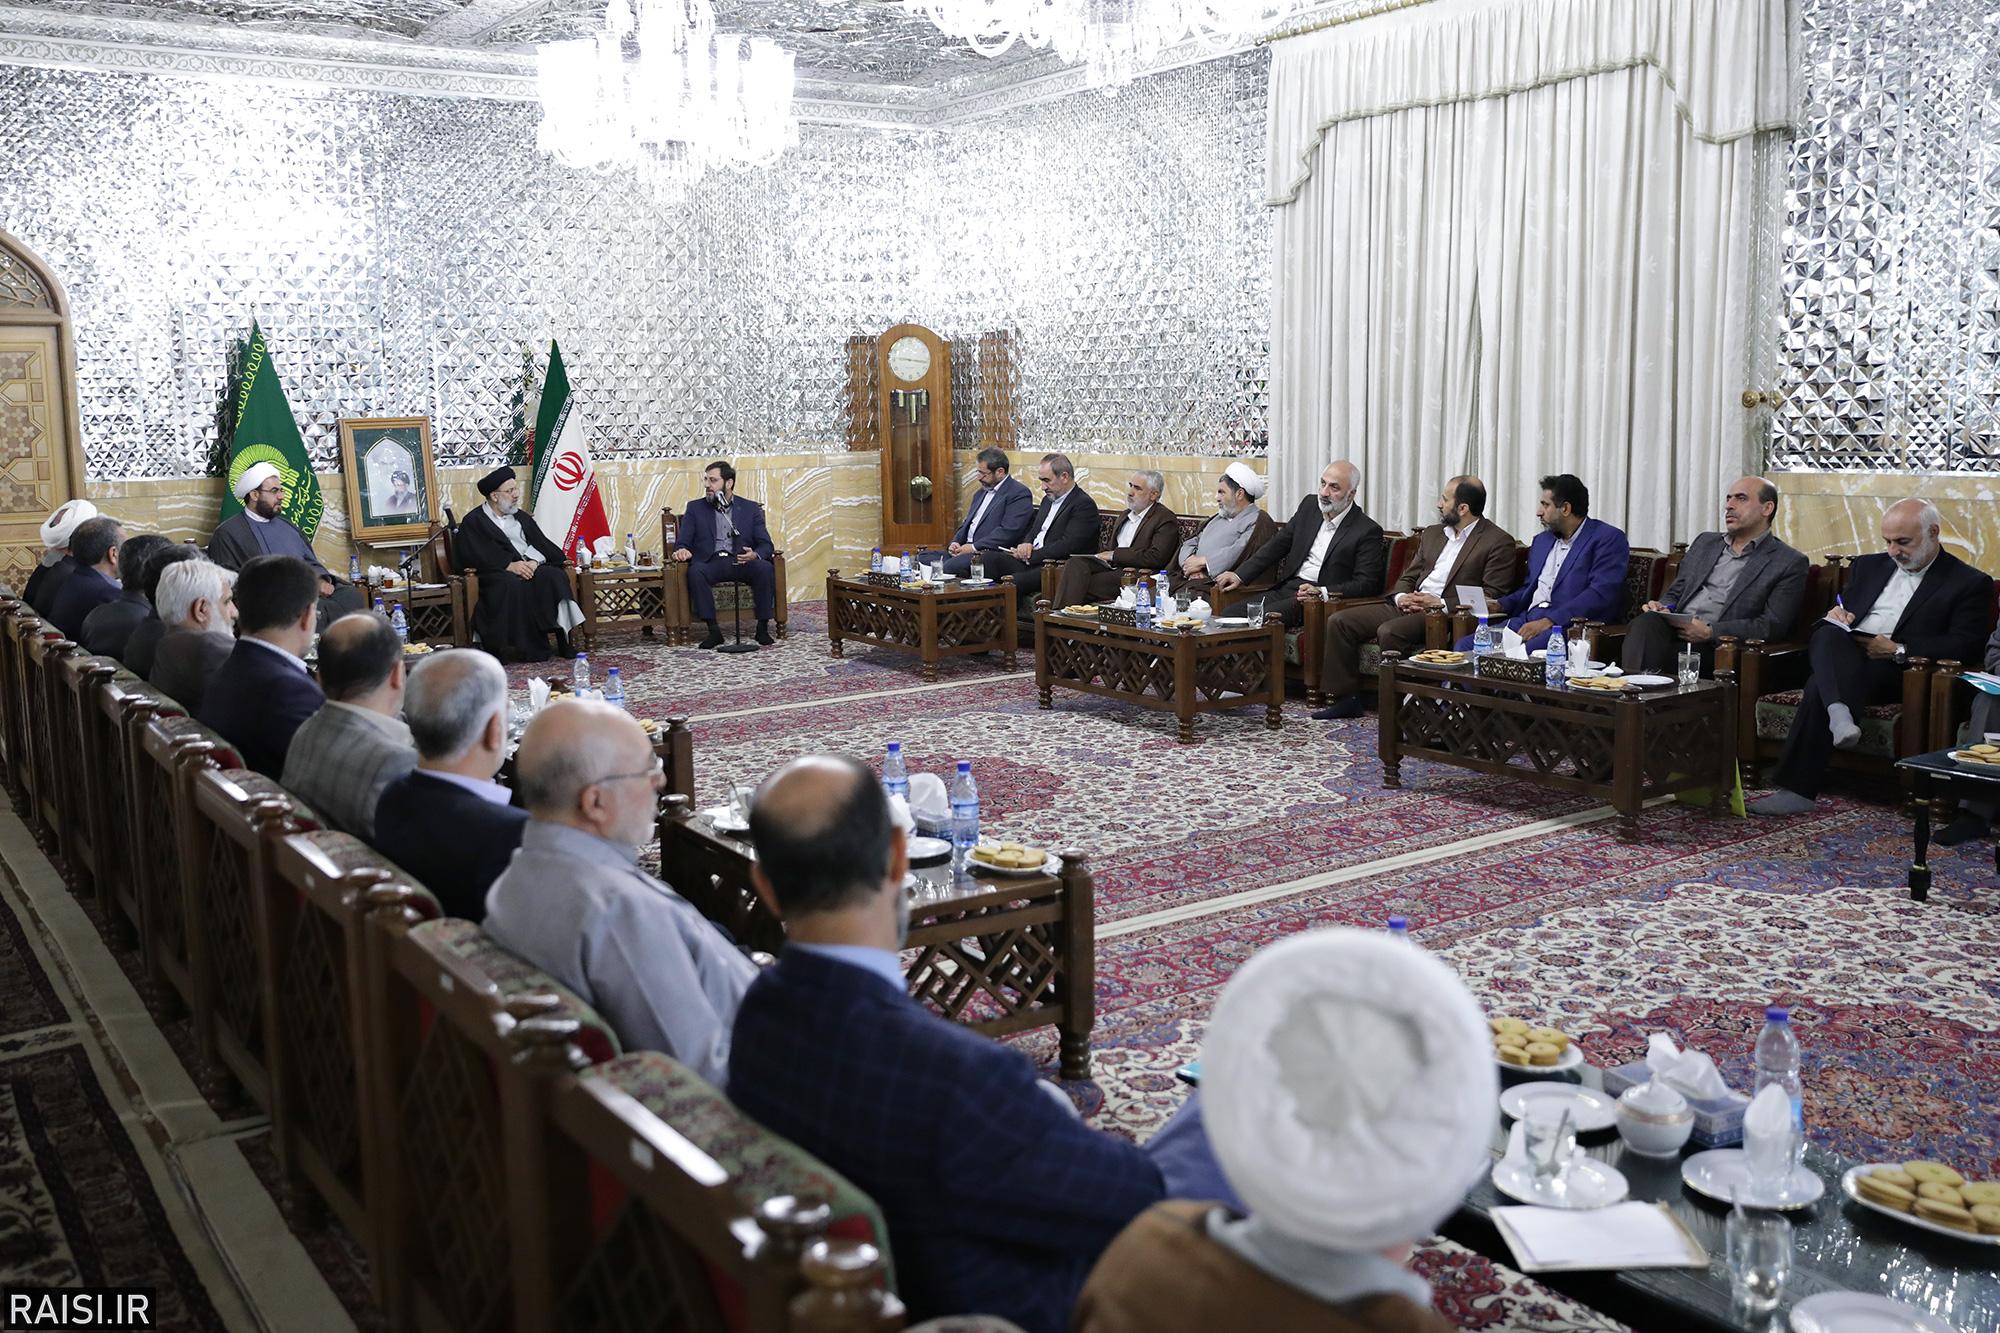 دیدار مسئولین نمایندگیهای استانی آستان قدس رضوی با حجتالاسلام رئیسی